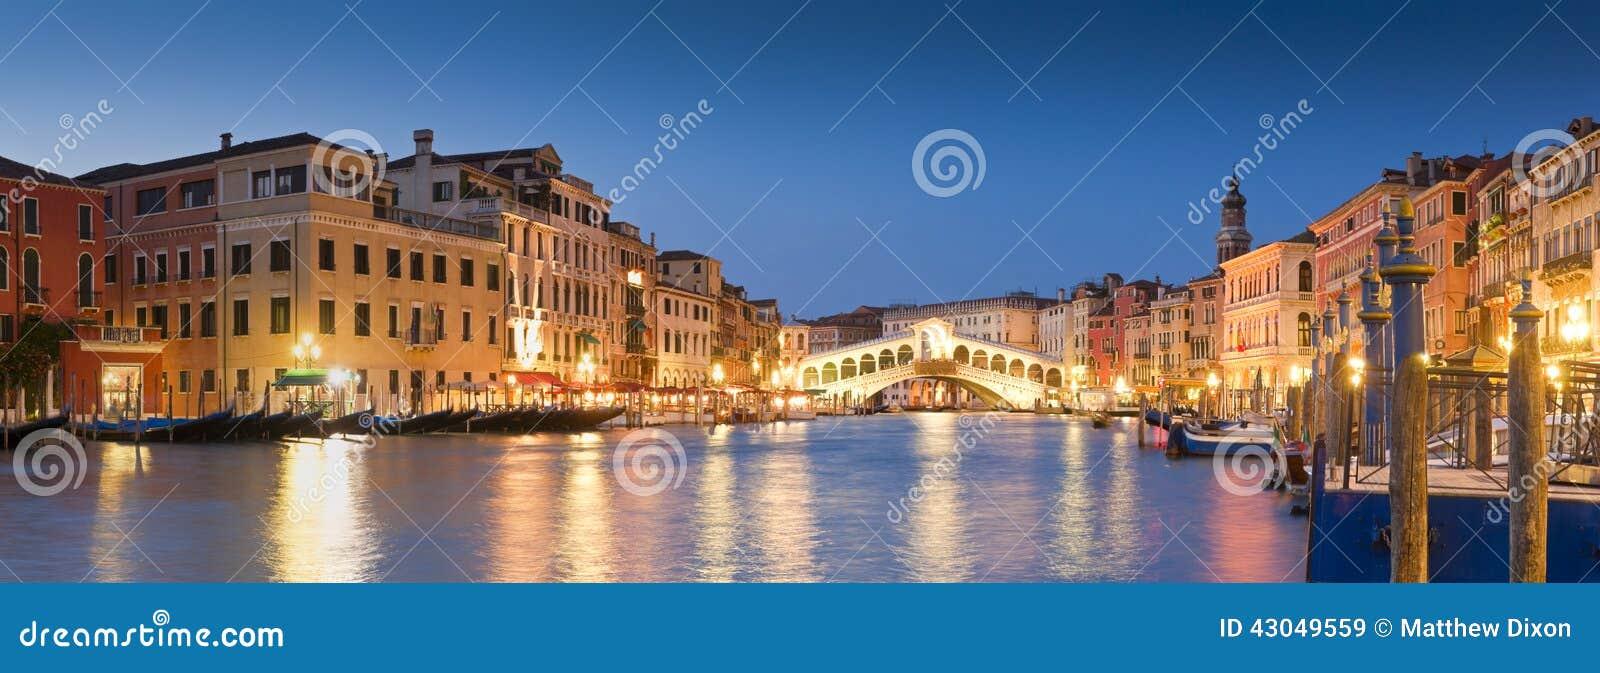 Pont de Rialto, Venise